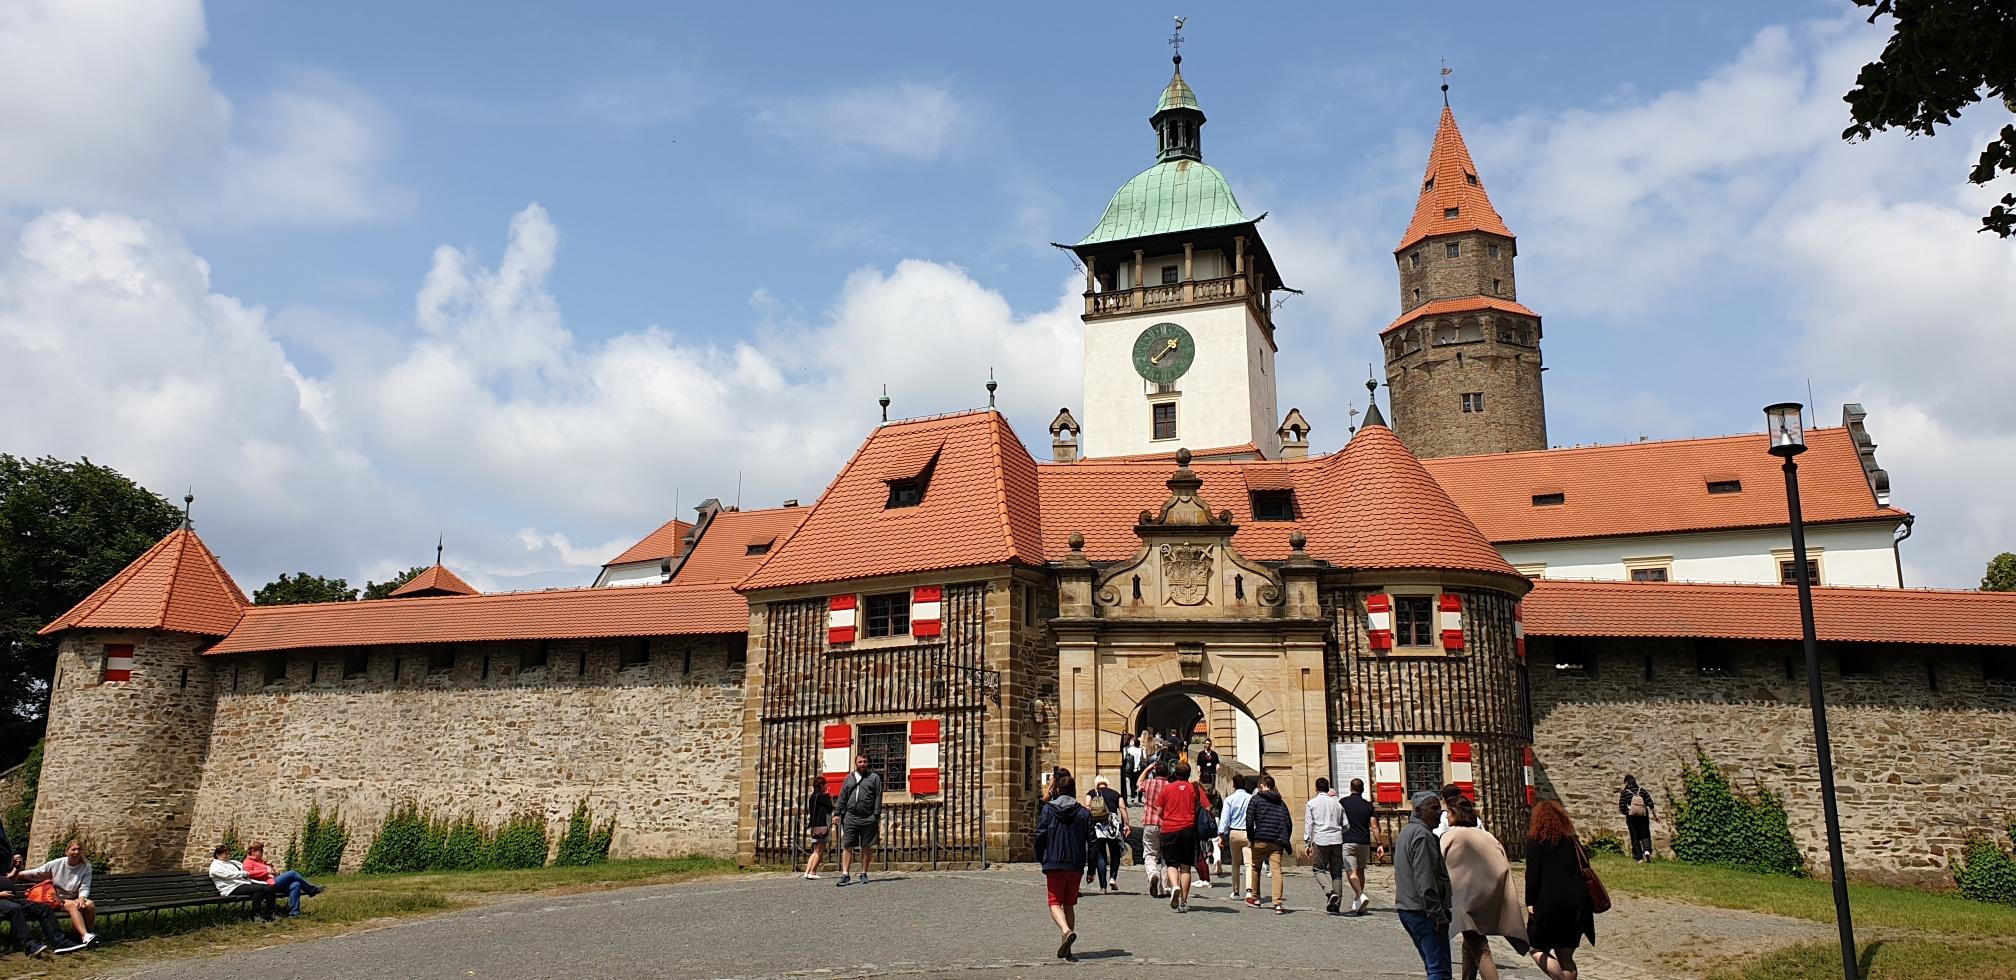 Bouzov hrad - NP - Nrodn pamtkov stav